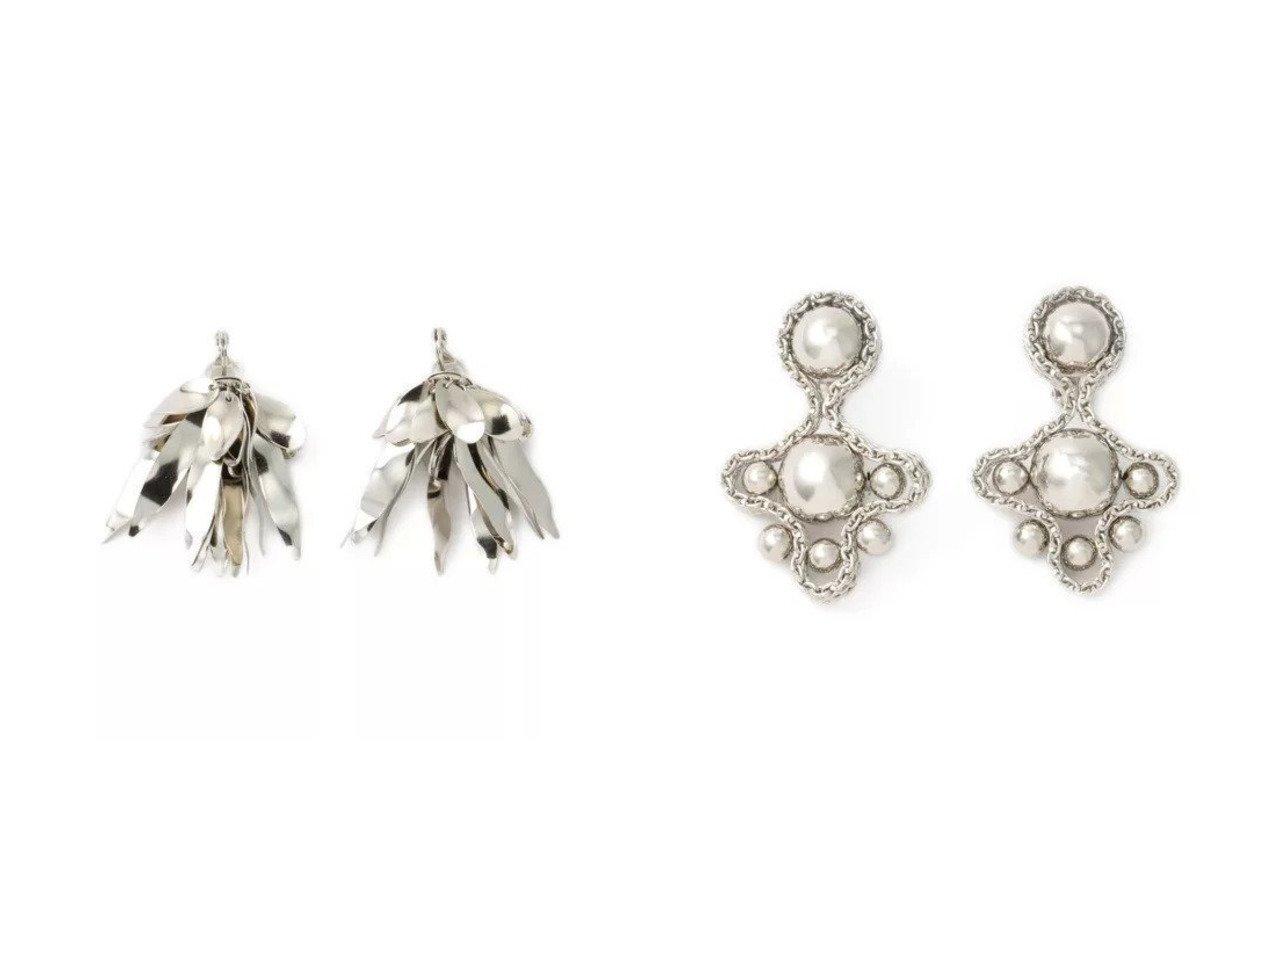 【TOGA PULLA/トーガ プルラ】のLeaf earrings&Clover earrings TOGA PULLAのおすすめ!人気、トレンド・レディースファッションの通販 おすすめで人気の流行・トレンド、ファッションの通販商品 メンズファッション・キッズファッション・インテリア・家具・レディースファッション・服の通販 founy(ファニー) https://founy.com/ ファッション Fashion レディースファッション WOMEN ジュエリー Jewelry リング Rings イヤリング Earrings 2021年 2021 2021 春夏 S/S SS Spring/Summer 2021 S/S 春夏 SS Spring/Summer アクセサリー イヤリング シルバー モチーフ リーフ ストーン チェーン ドレス モダン |ID:crp329100000020361